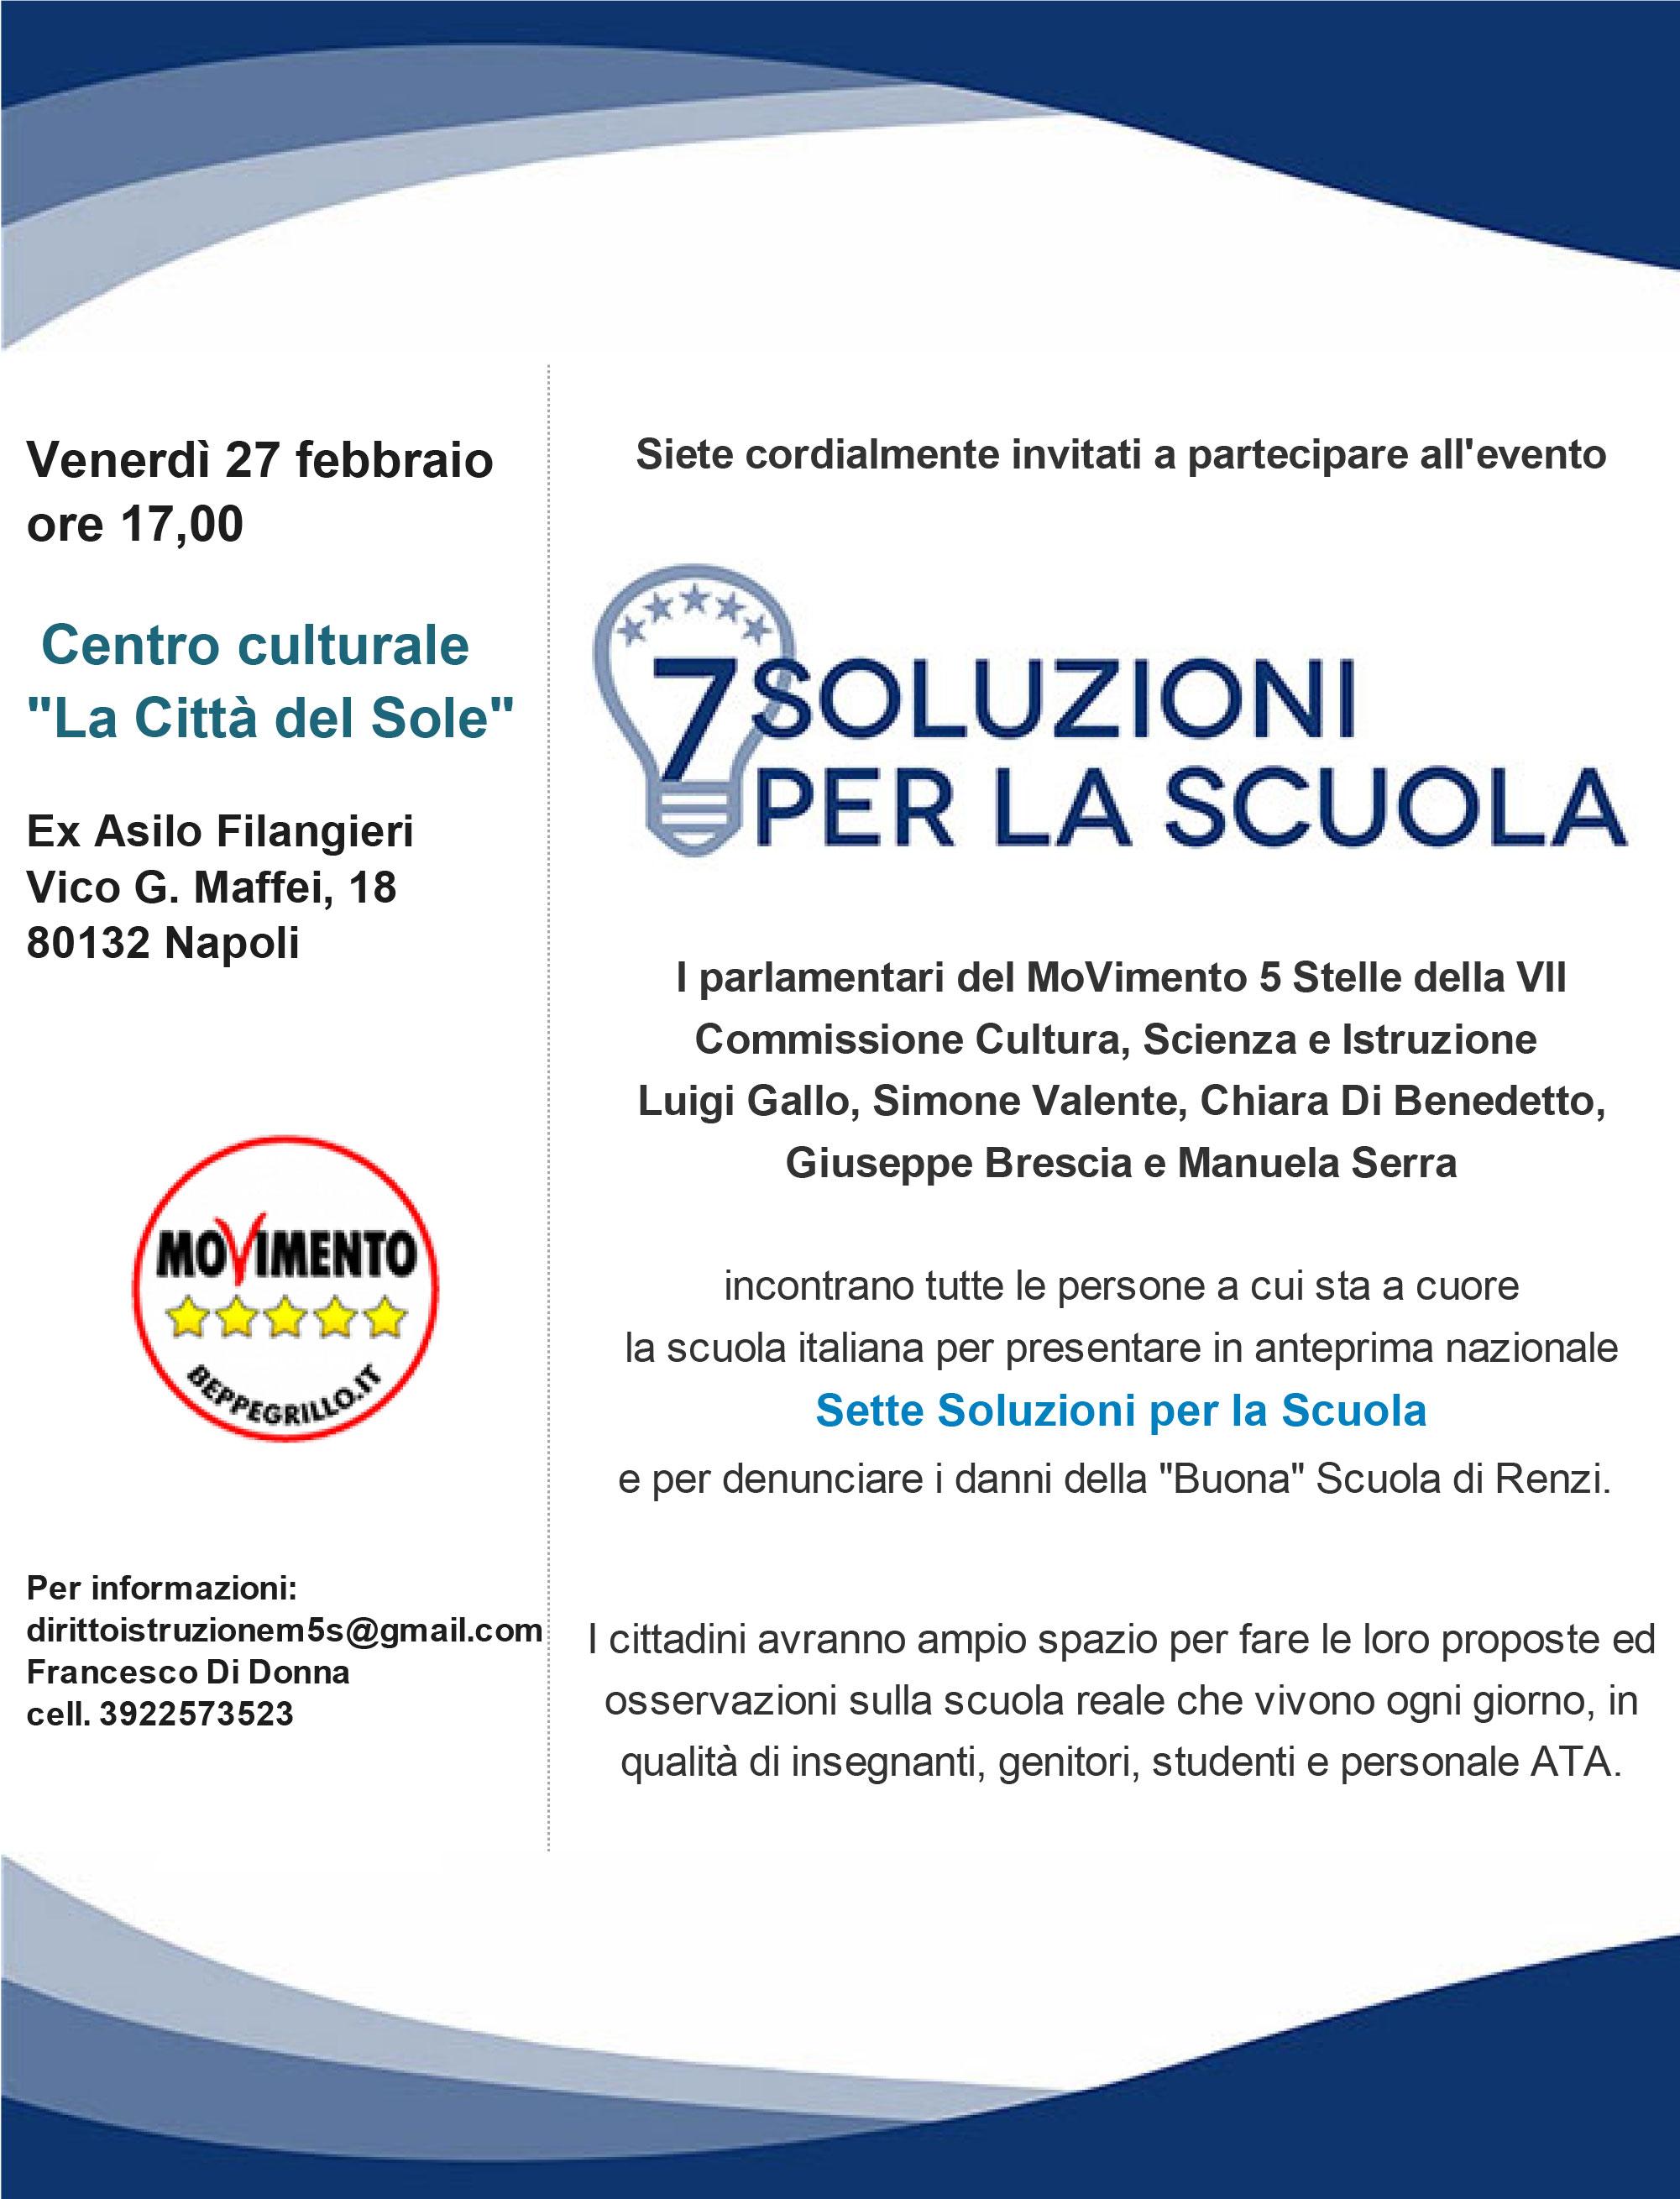 locandina-invito-7-soluzioni